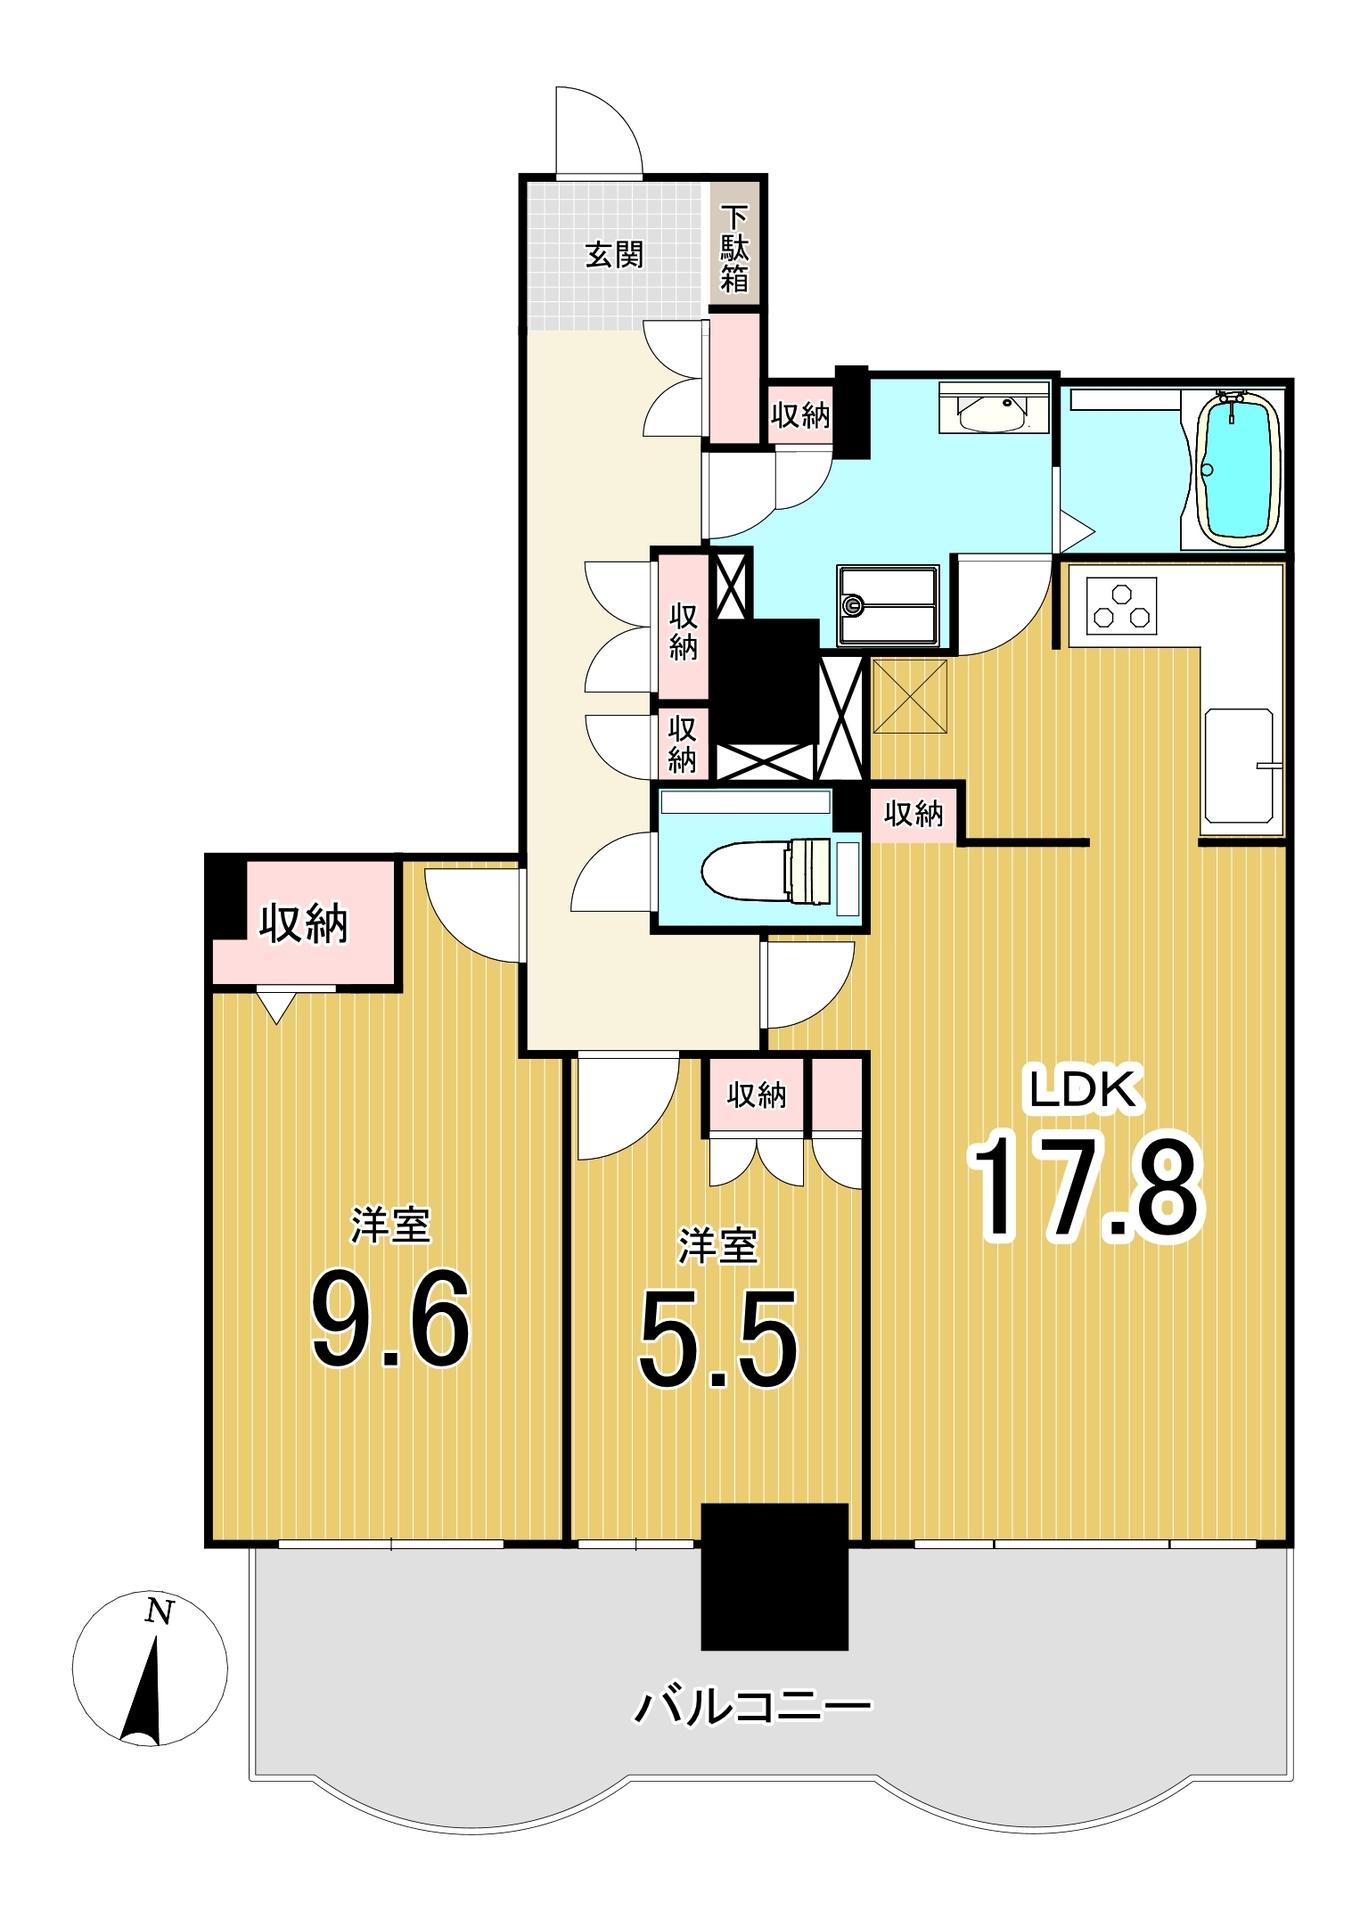 パークハウス北2条/札幌市中央区 画像3